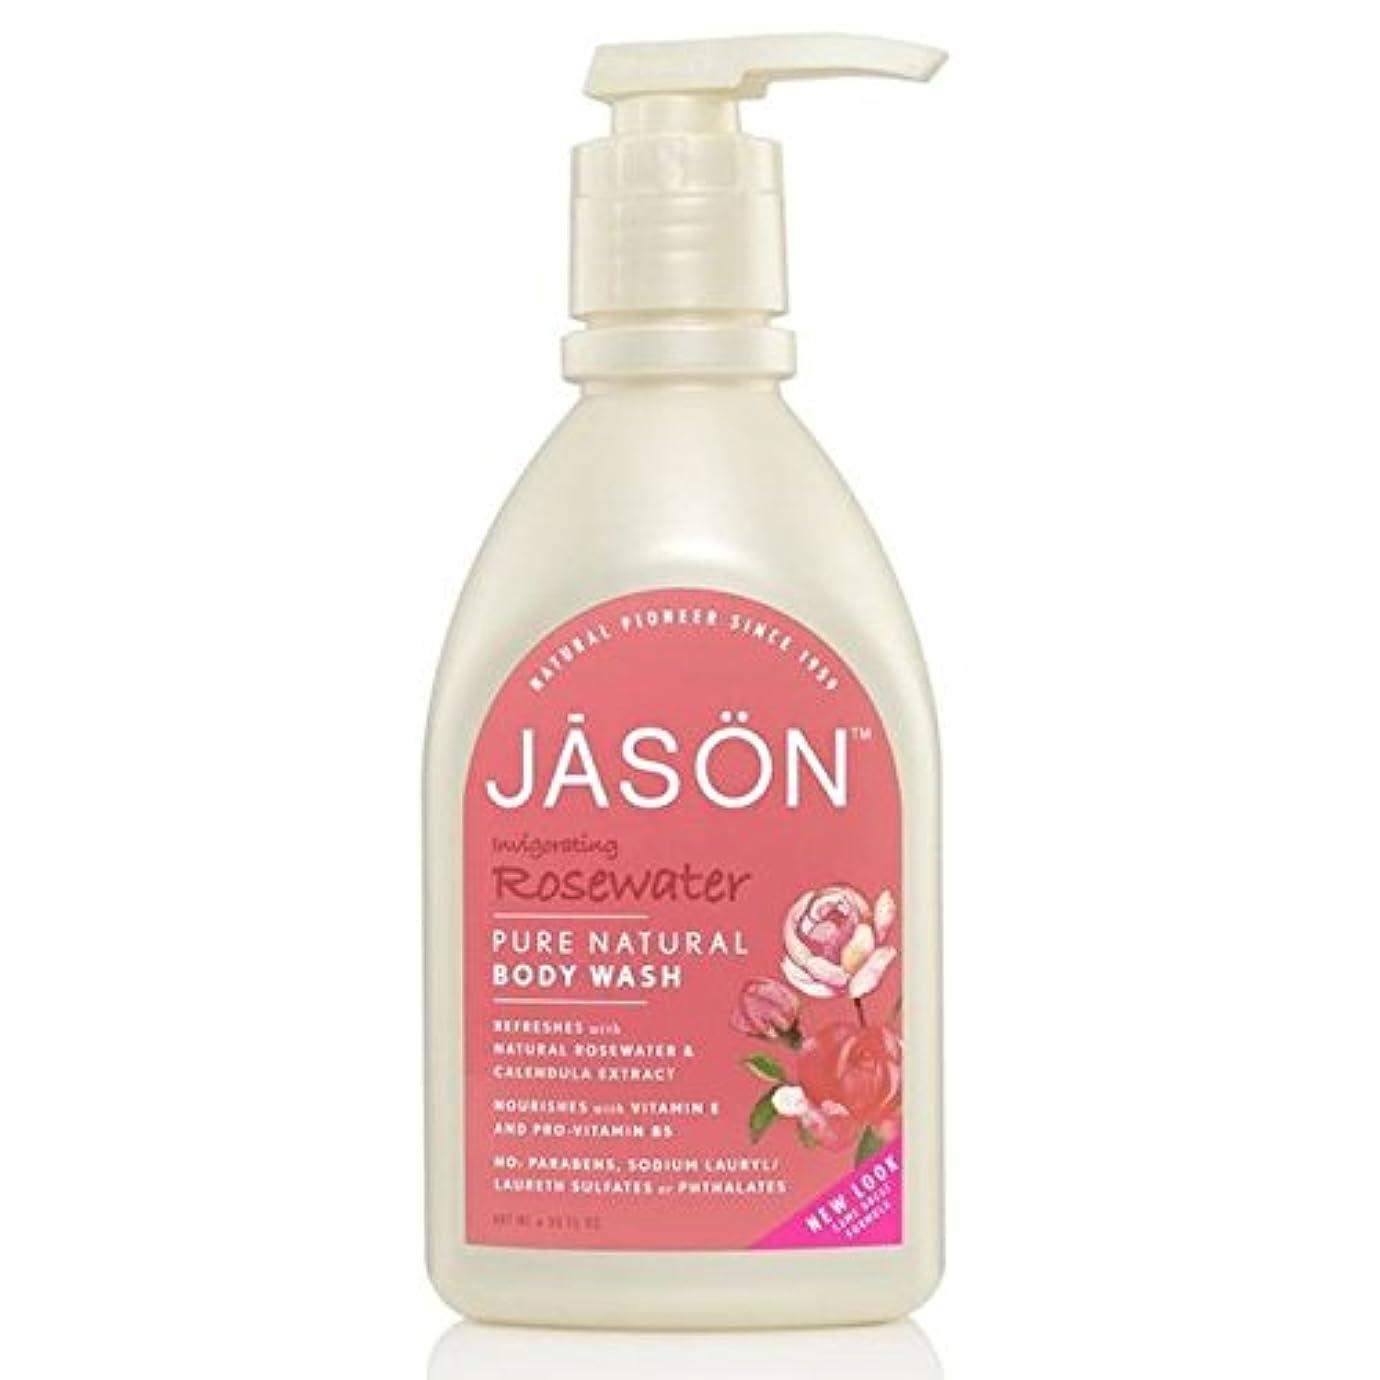 平らにする抵抗力がある意気揚々ジェイソン?ボディウォッシュローズウォーターサテンシャワー900ミリリットル x4 - Jason Body Wash Rosewater Satin Shower 900ml (Pack of 4) [並行輸入品]